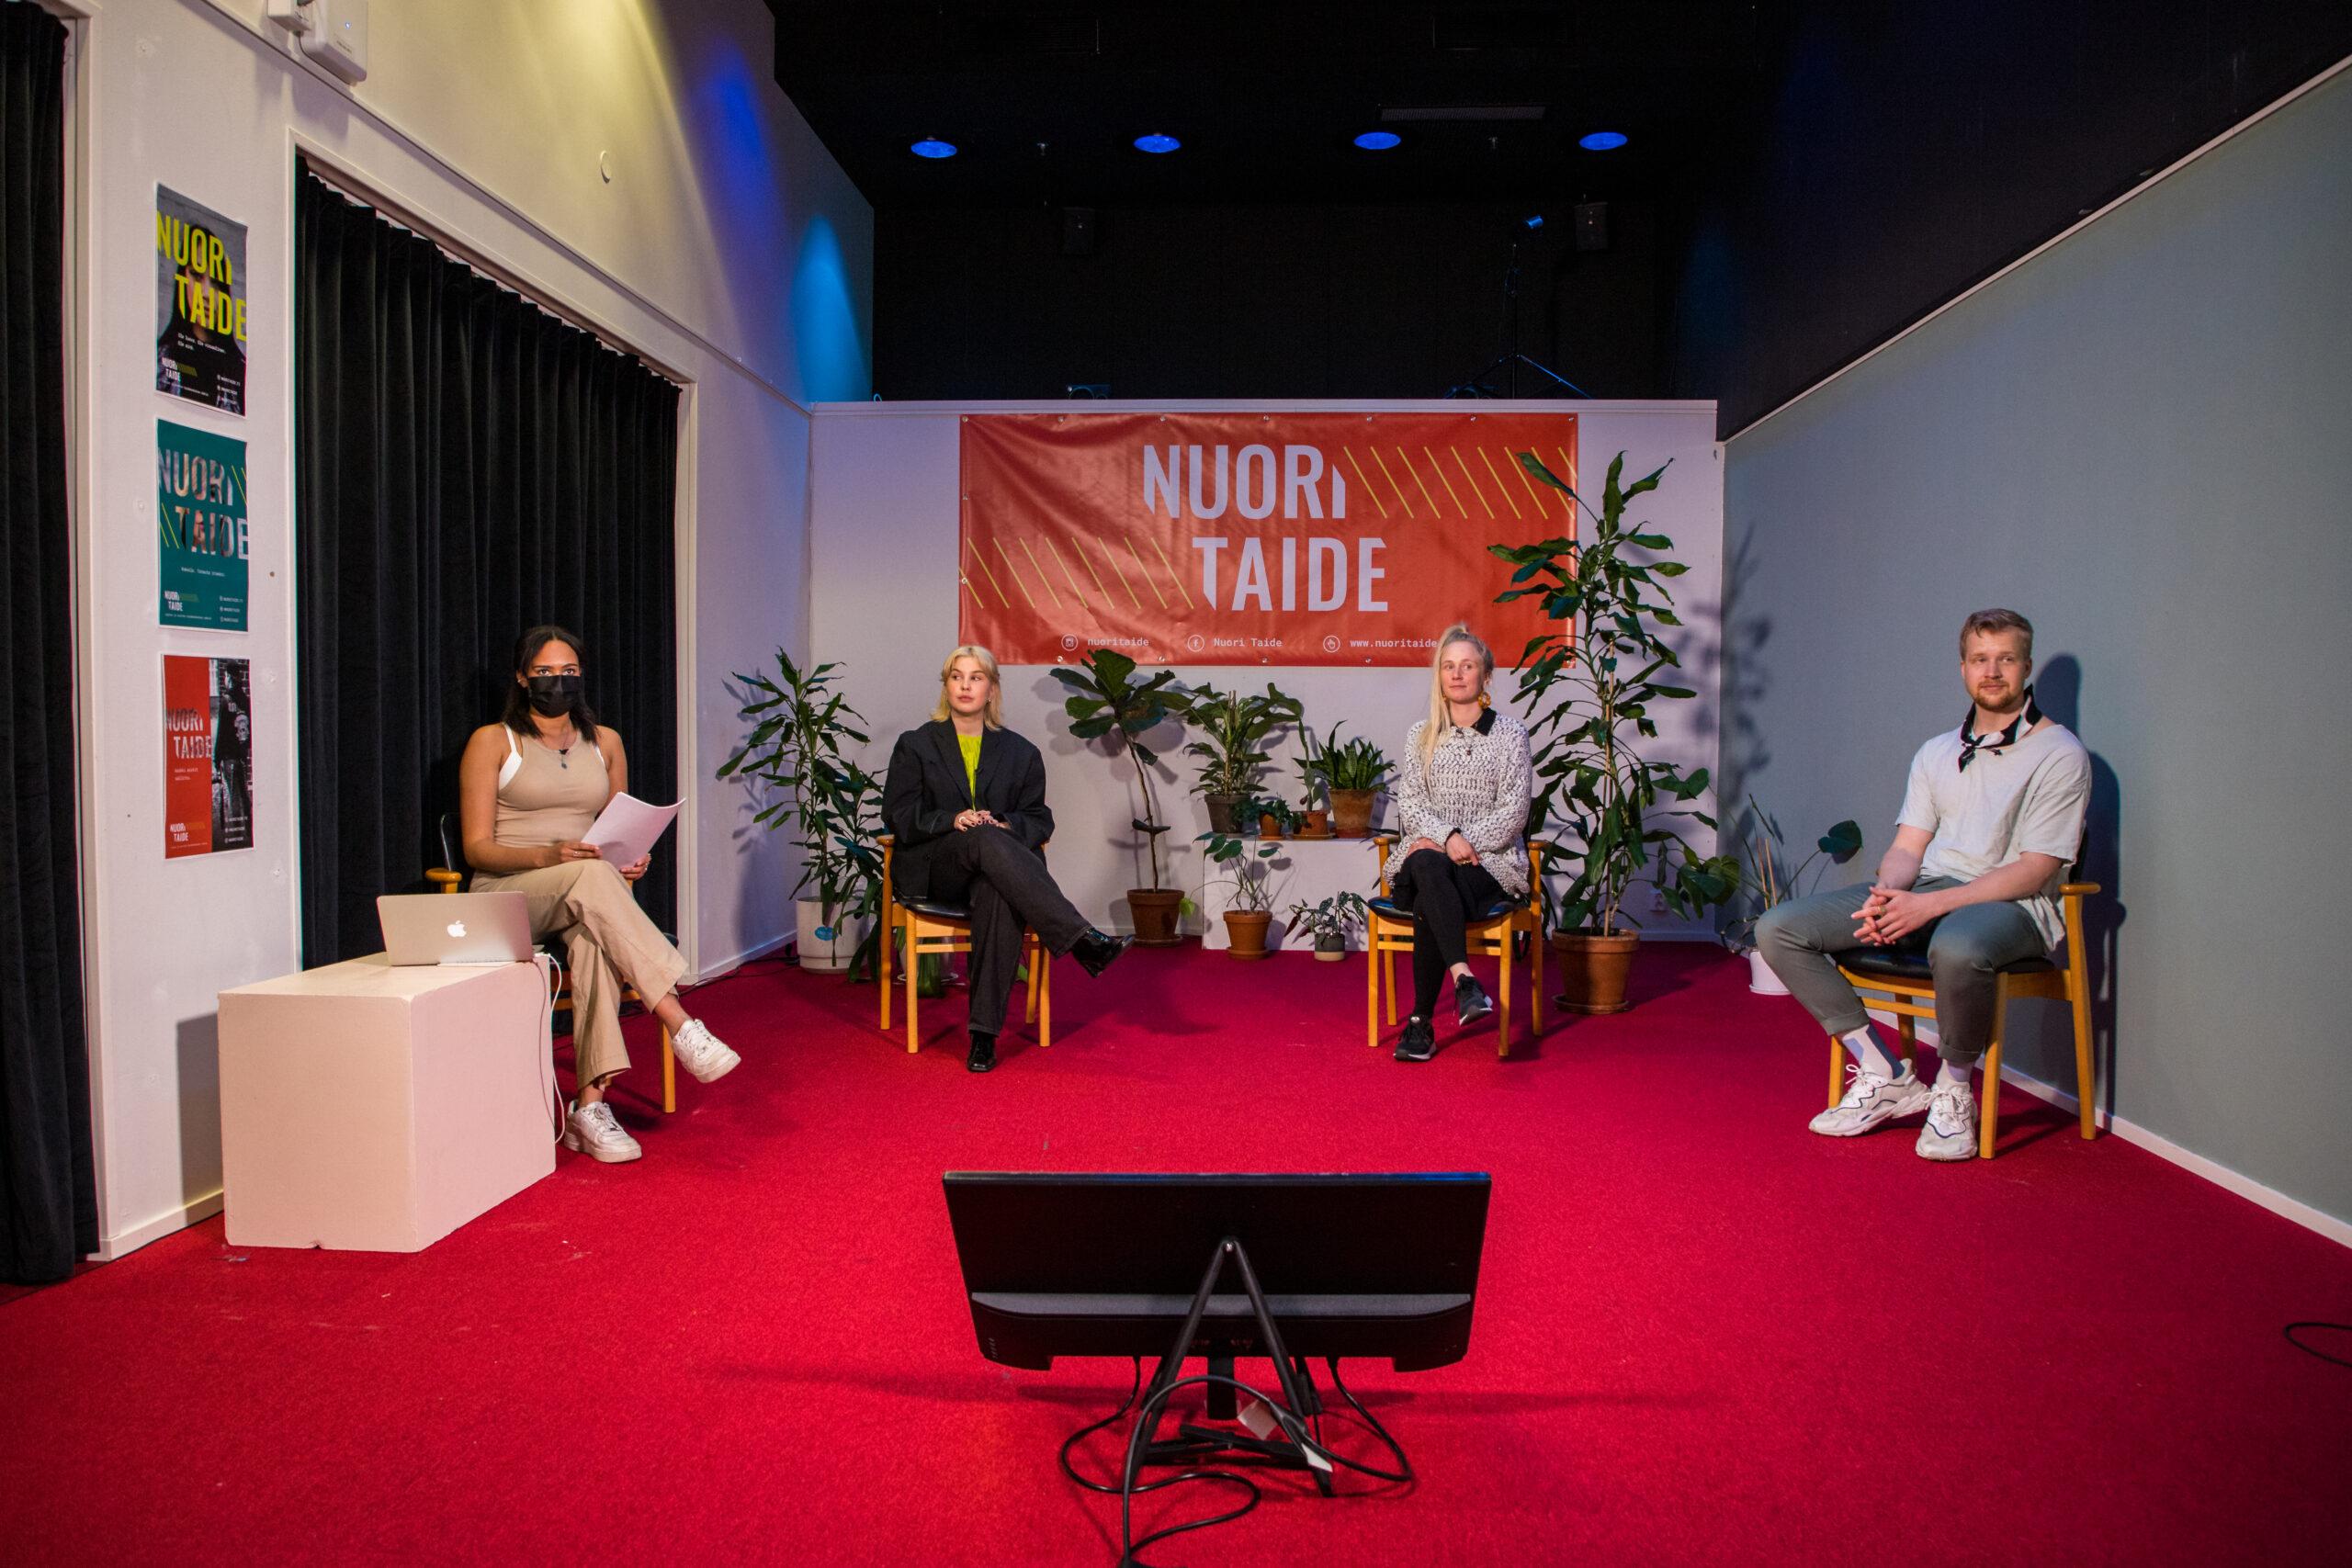 Striimaustudiosta näkymä, jossa 4 henkilö istuvat tuoteilla n. 1,5 metrin päässä toisistaan ja katsova kuvaajaan